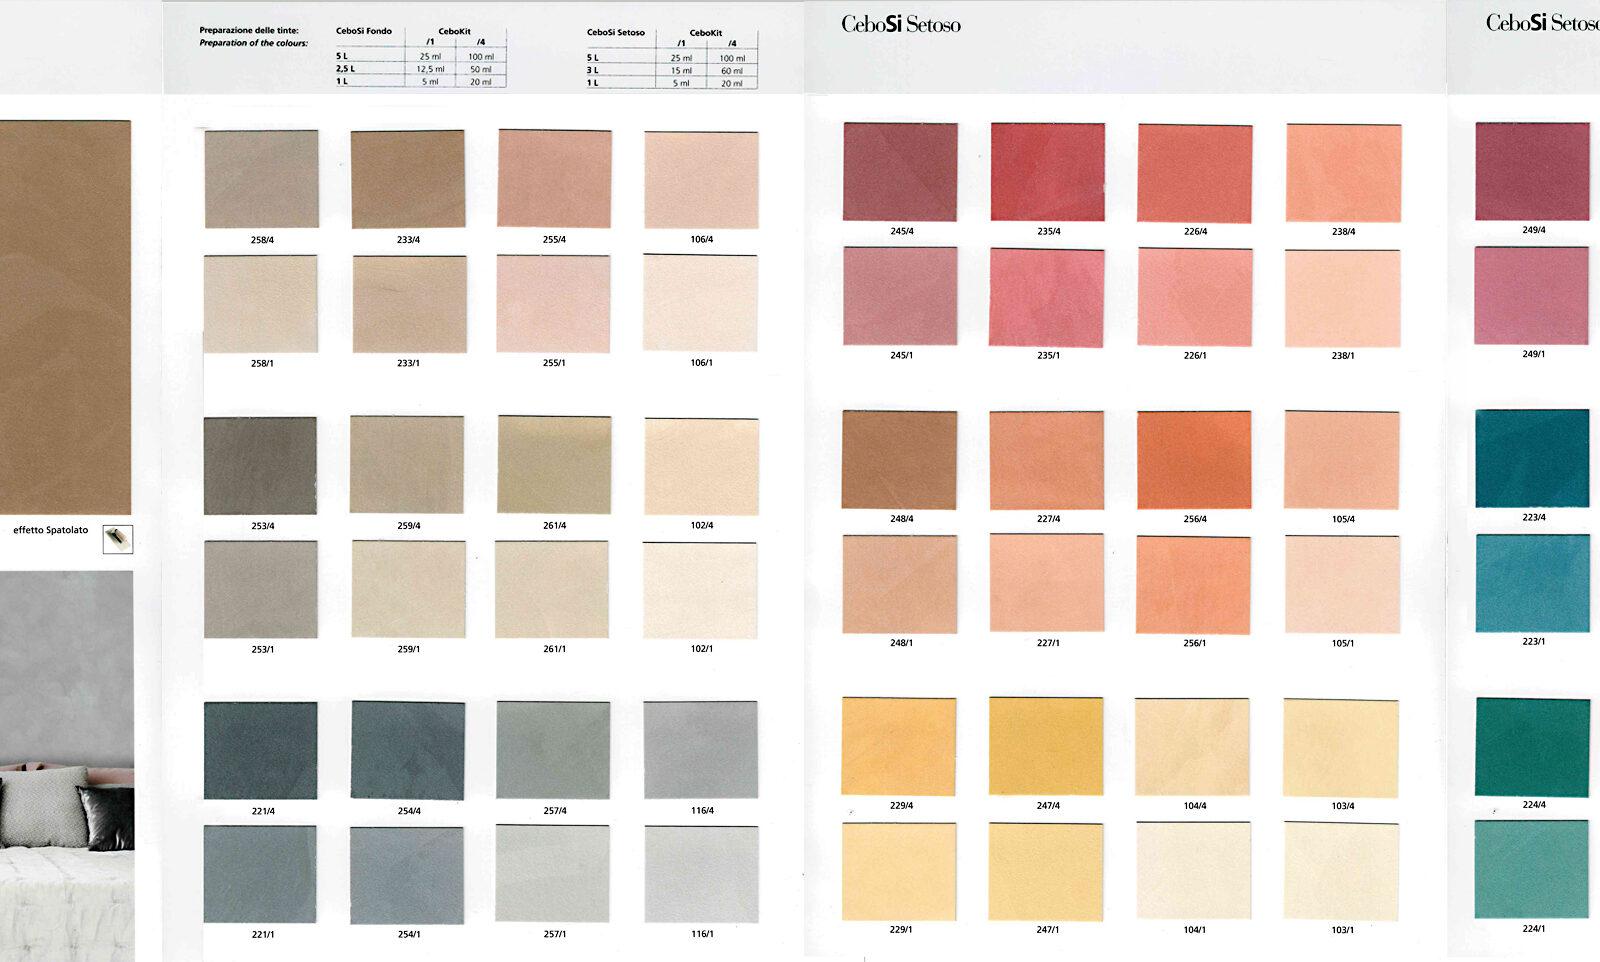 collezioni colori CeboSi Setoso_web